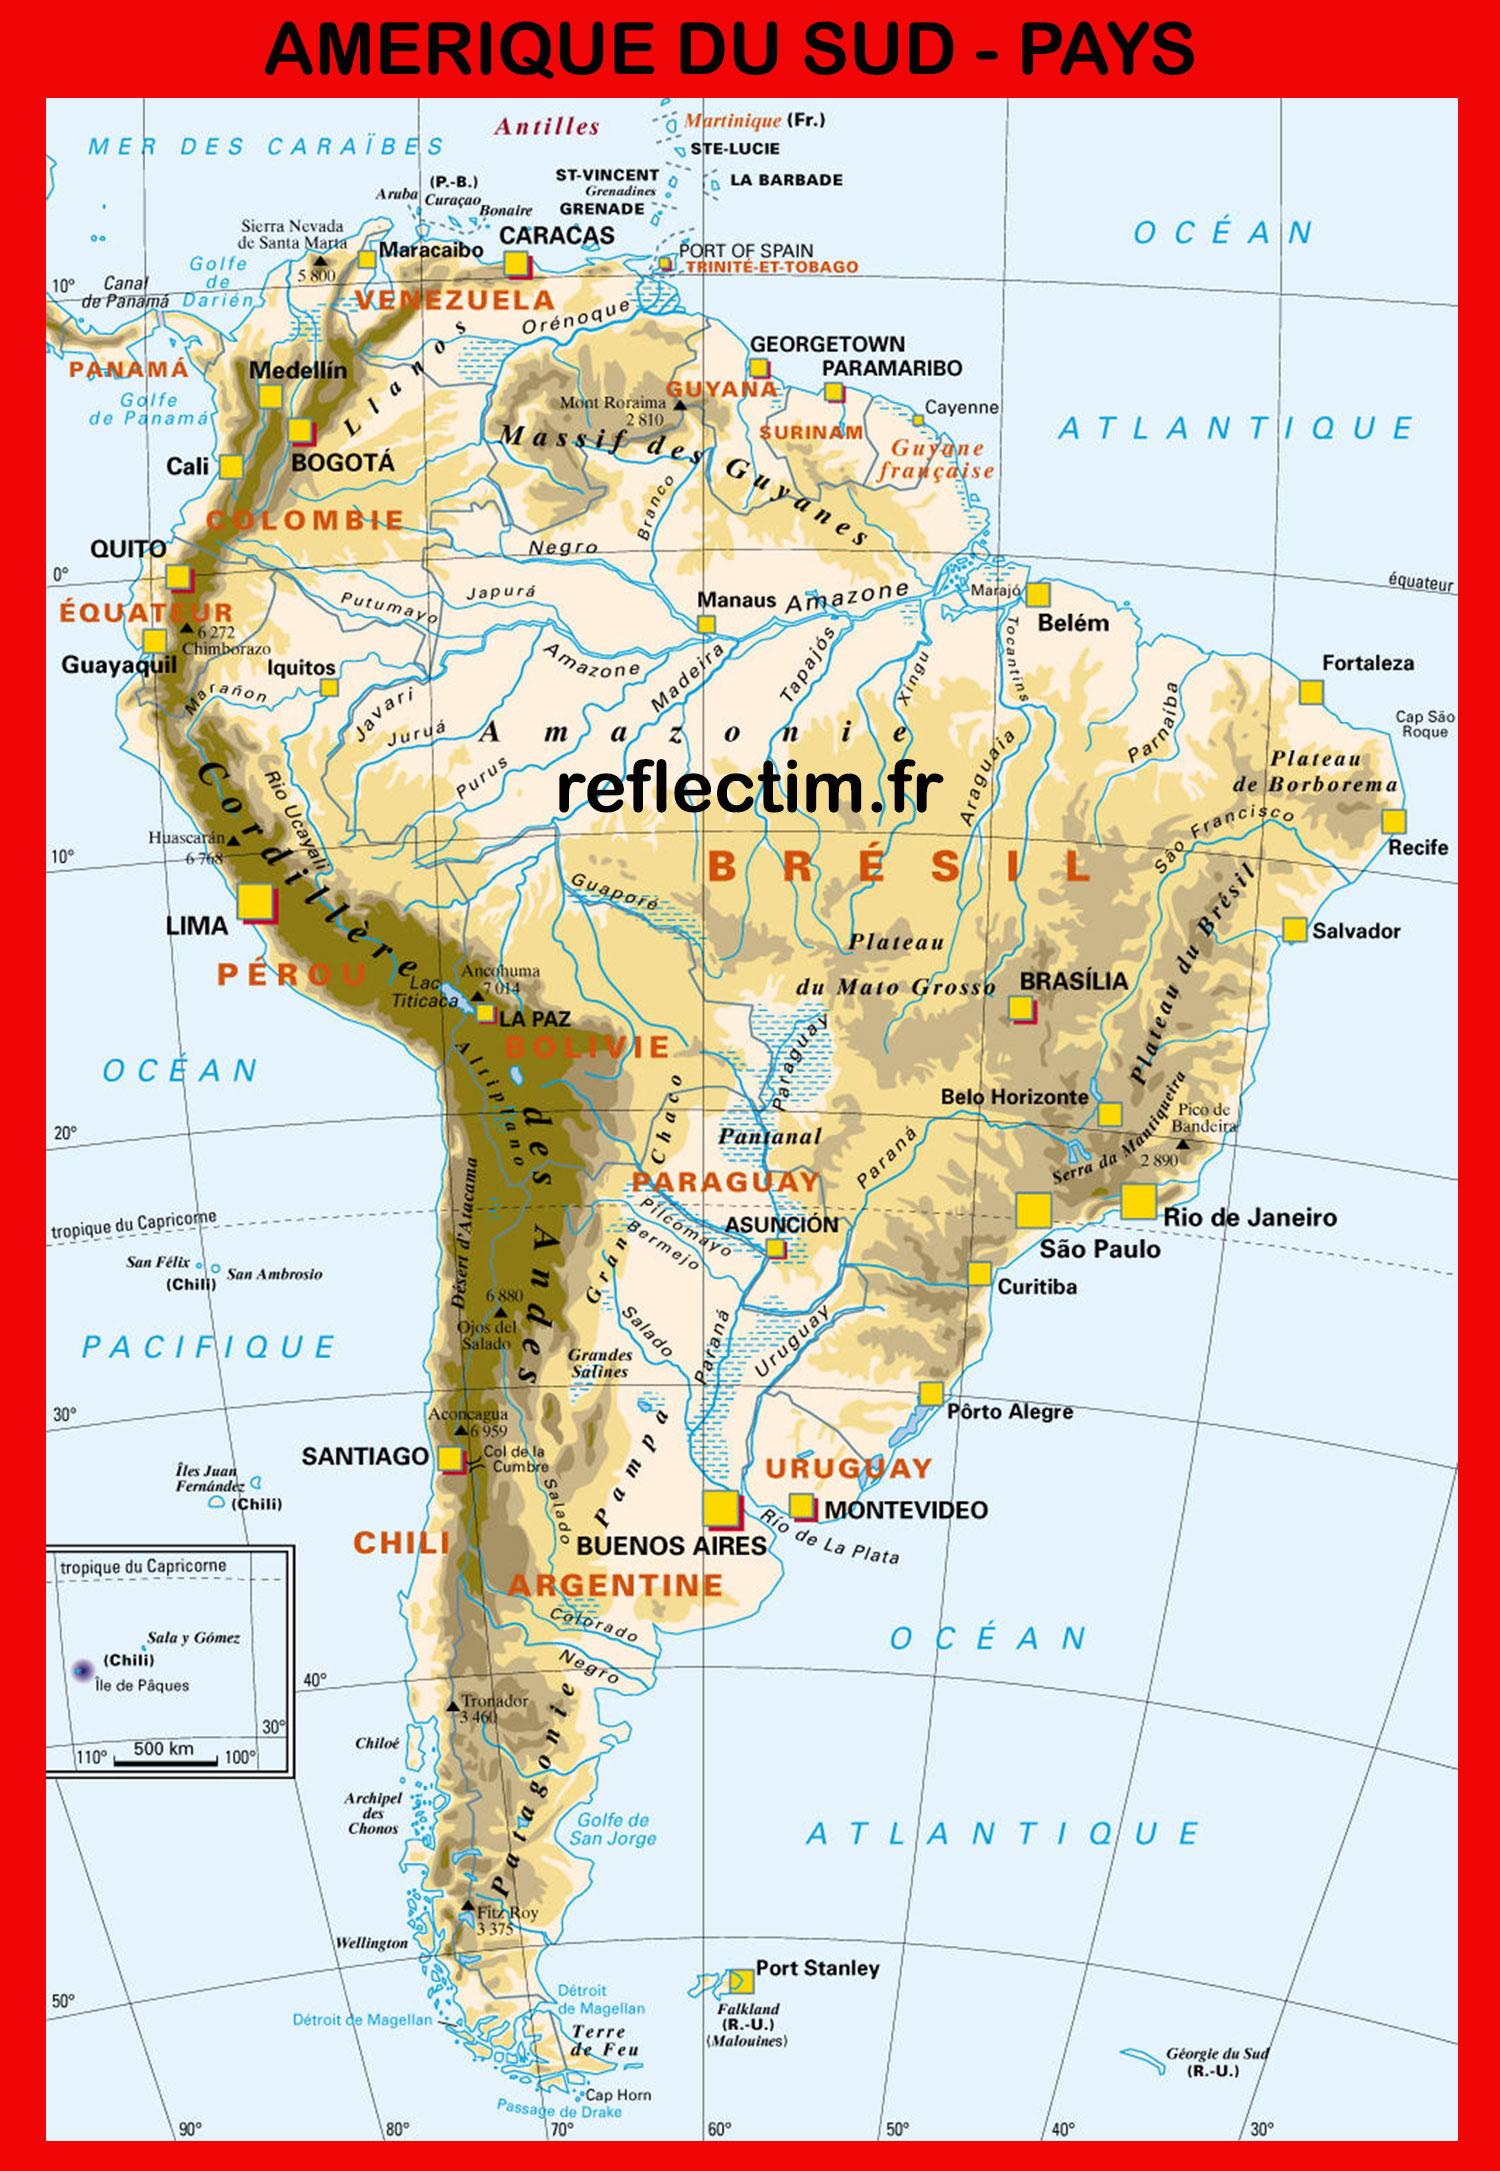 Amérique du sud - Pays